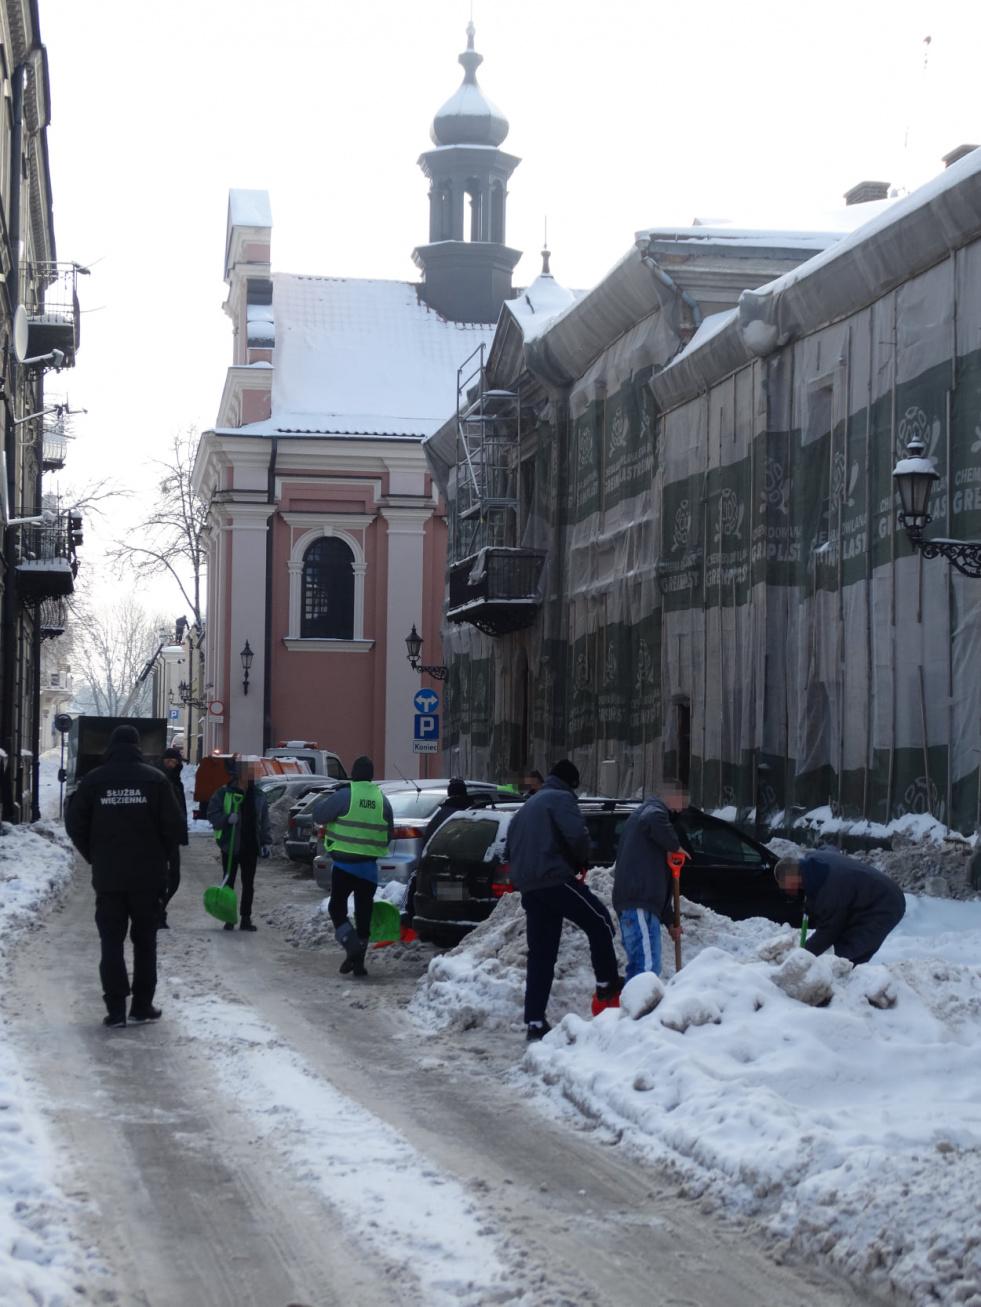 s4 631087aee3937b54d753c5c9d970157d ZAMOŚĆ: Więźniowie walczą ze śniegiem [ZDJĘCIA]